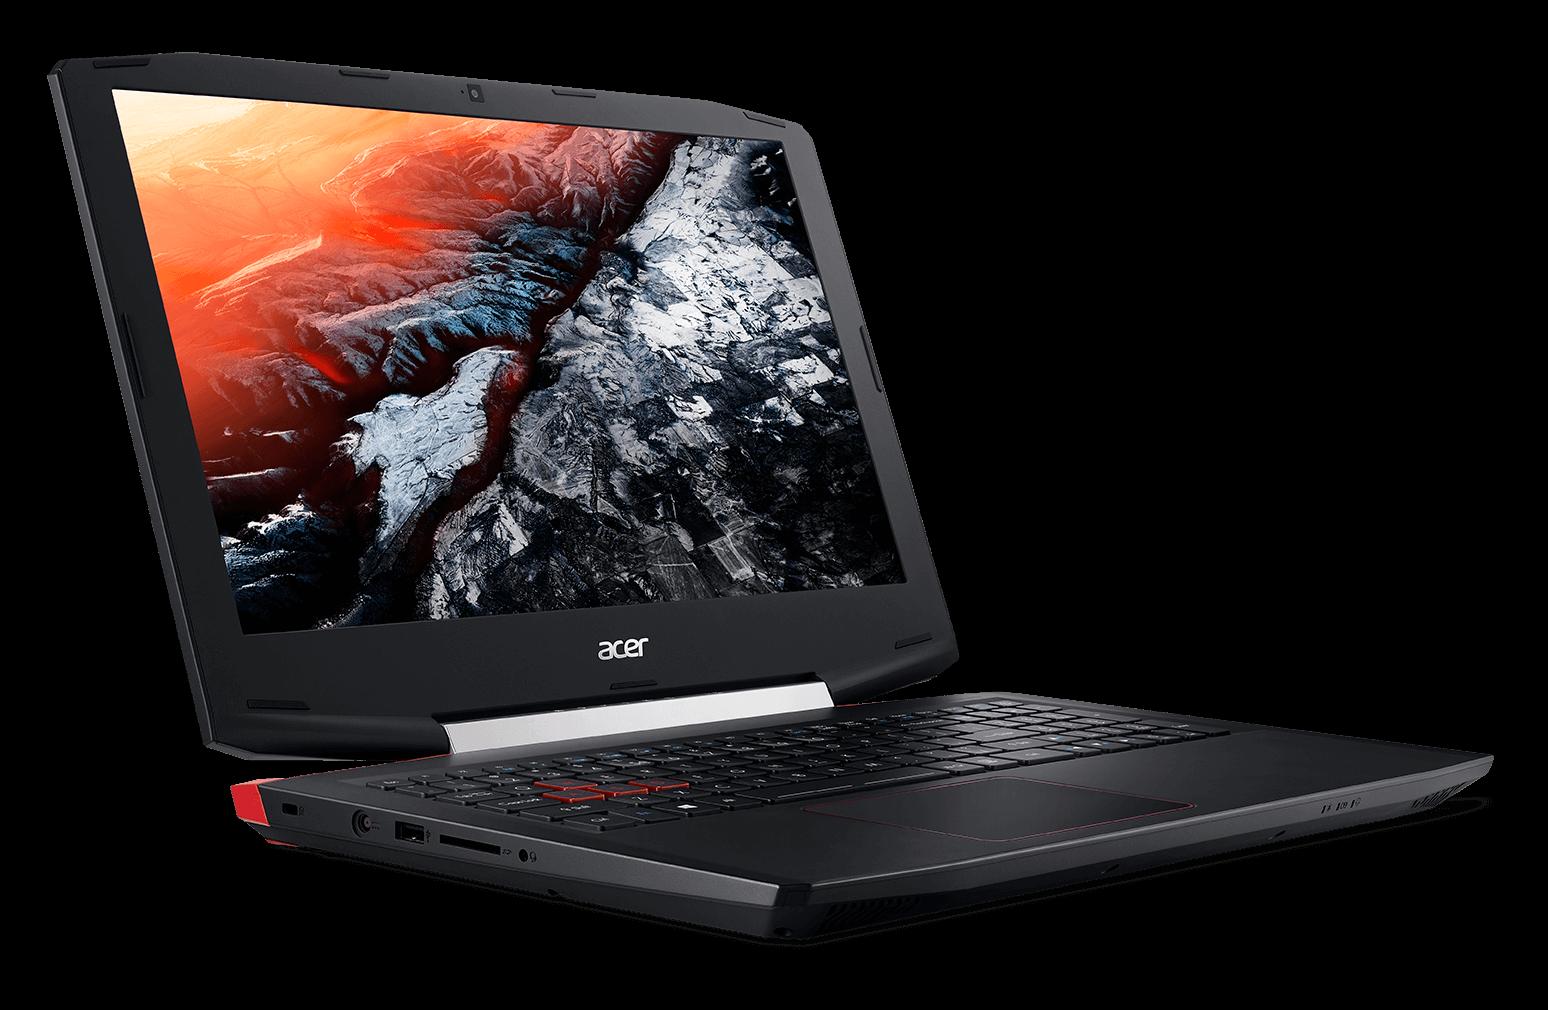 Ремонт ноутбуков Acer в Санкт-Петербурге